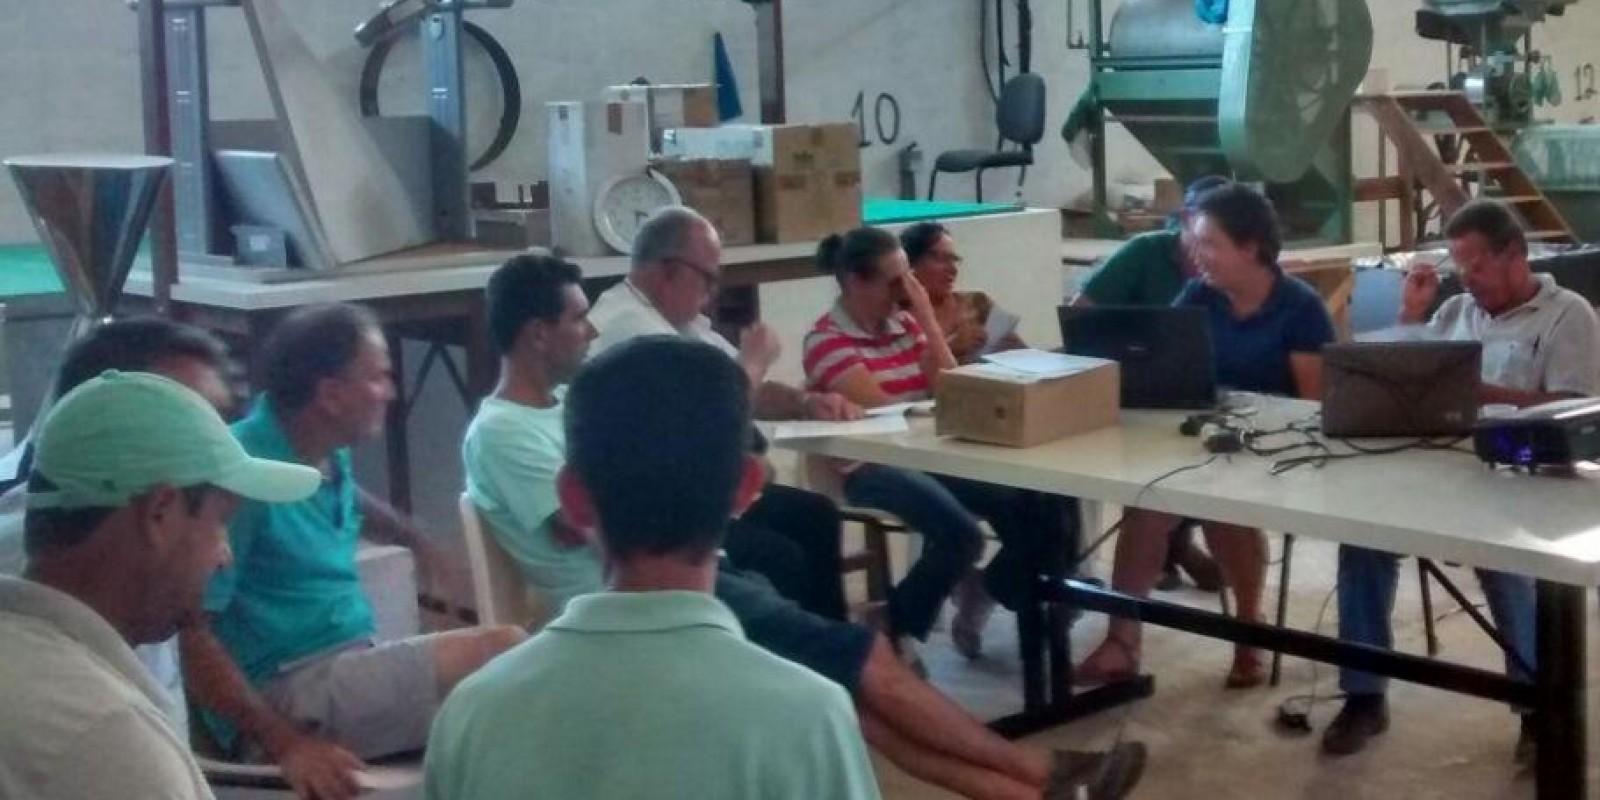 Cooperativismo é tema de seminário em município da Zona da Mata mineira